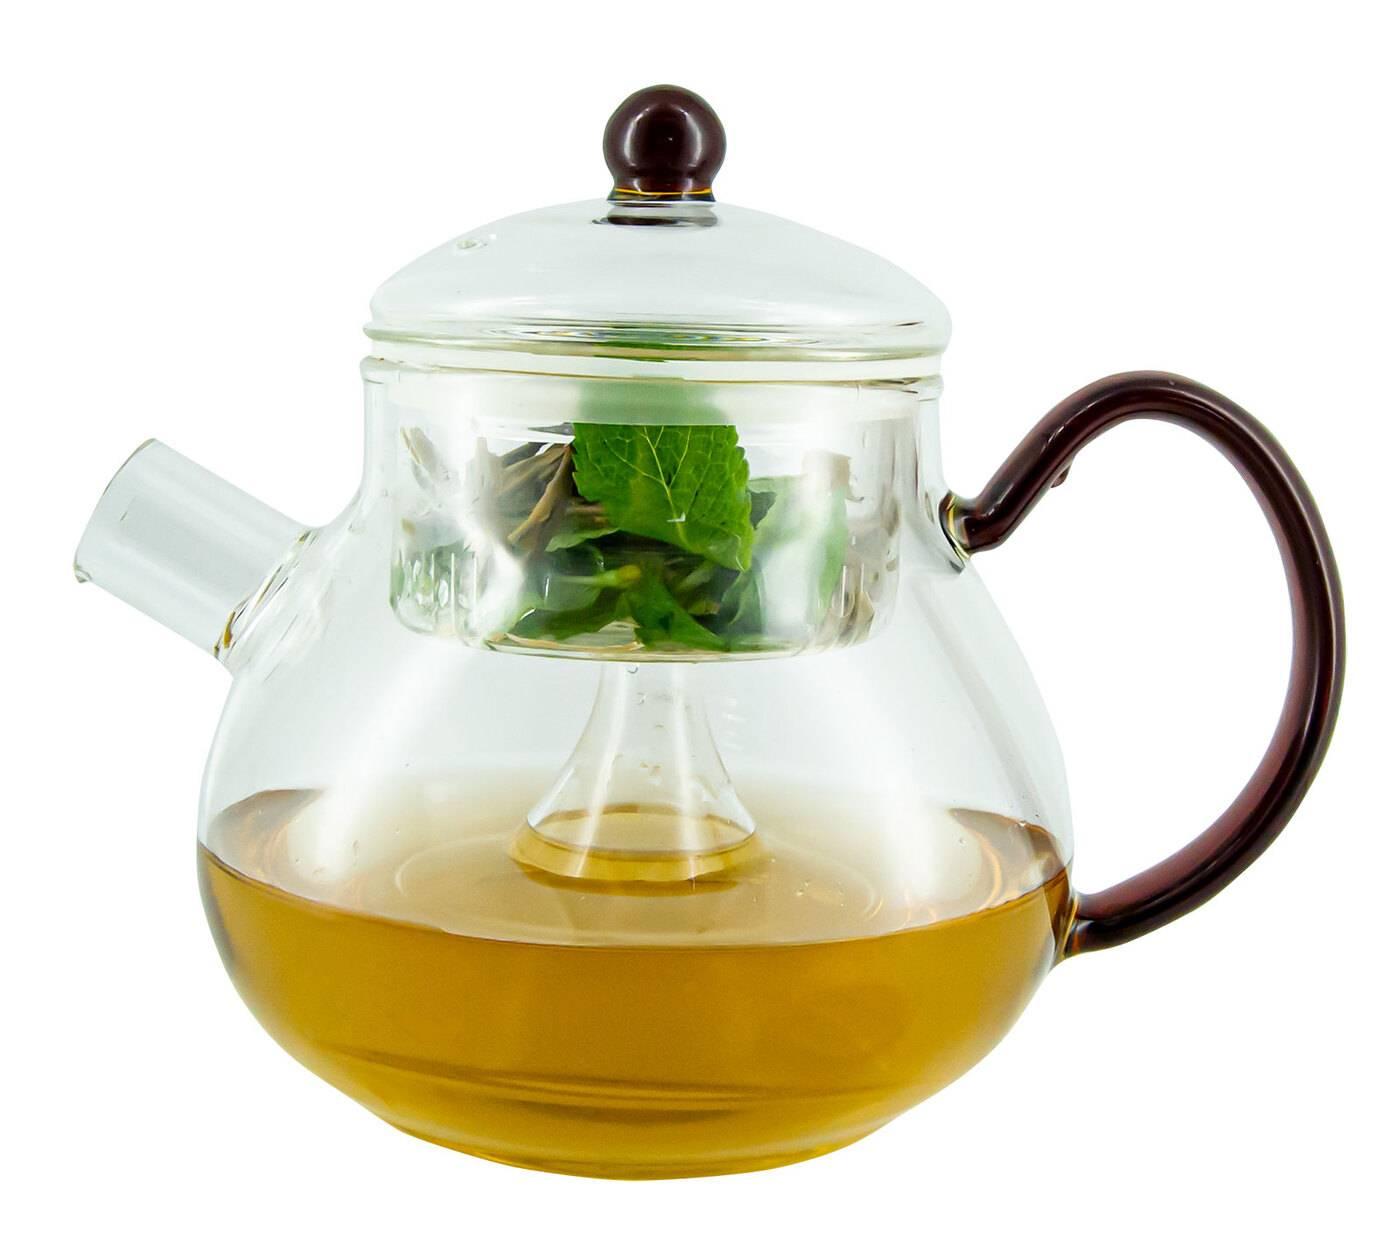 Как выбрать заварочный чайник с фильтром по механизму фильтрации и материалам